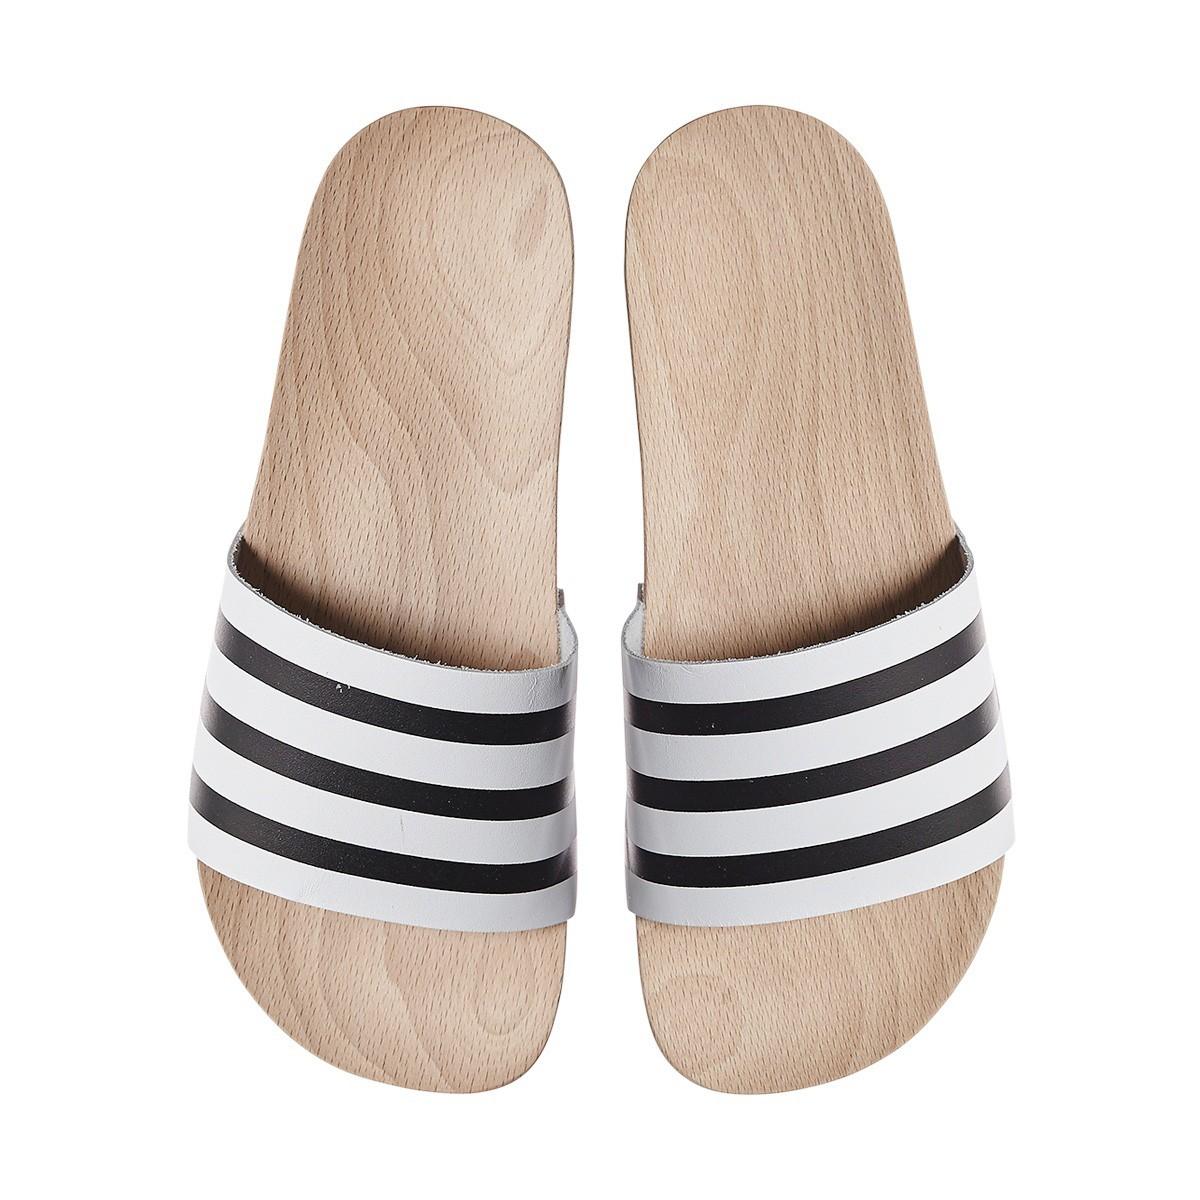 wmns-adilette-wood-slides-1.jpg